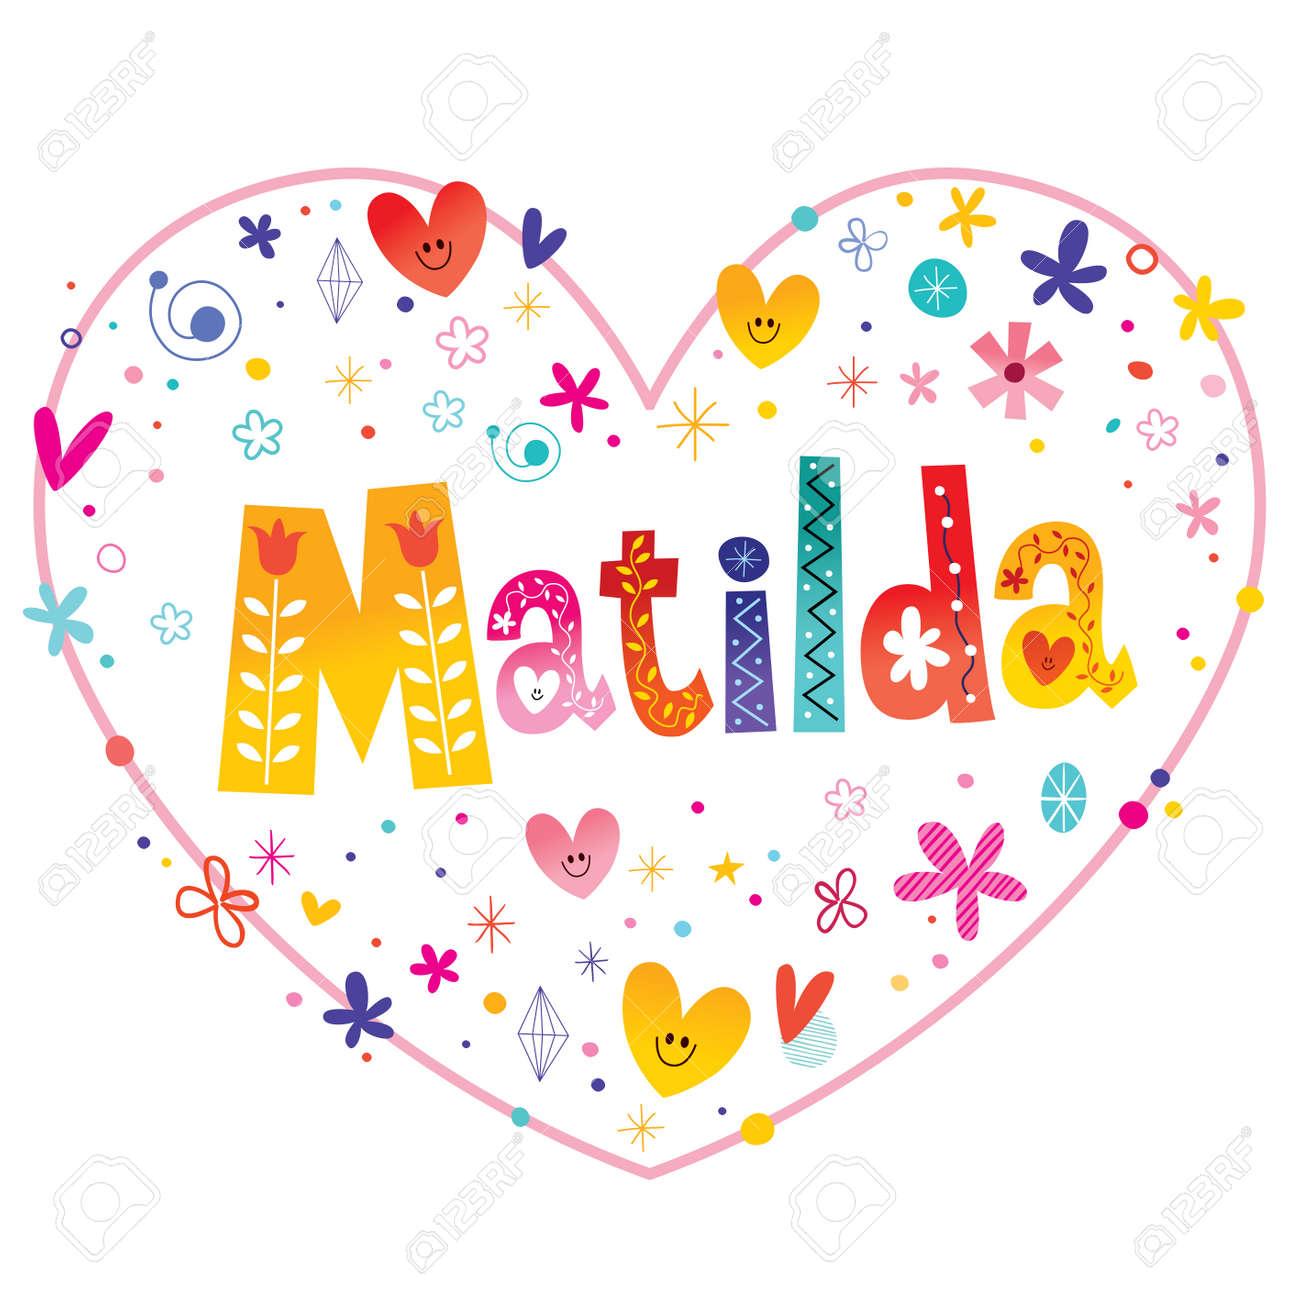 マチルダ女の子名前装飾レタリング ハート愛設計のイラスト素材ベクタ